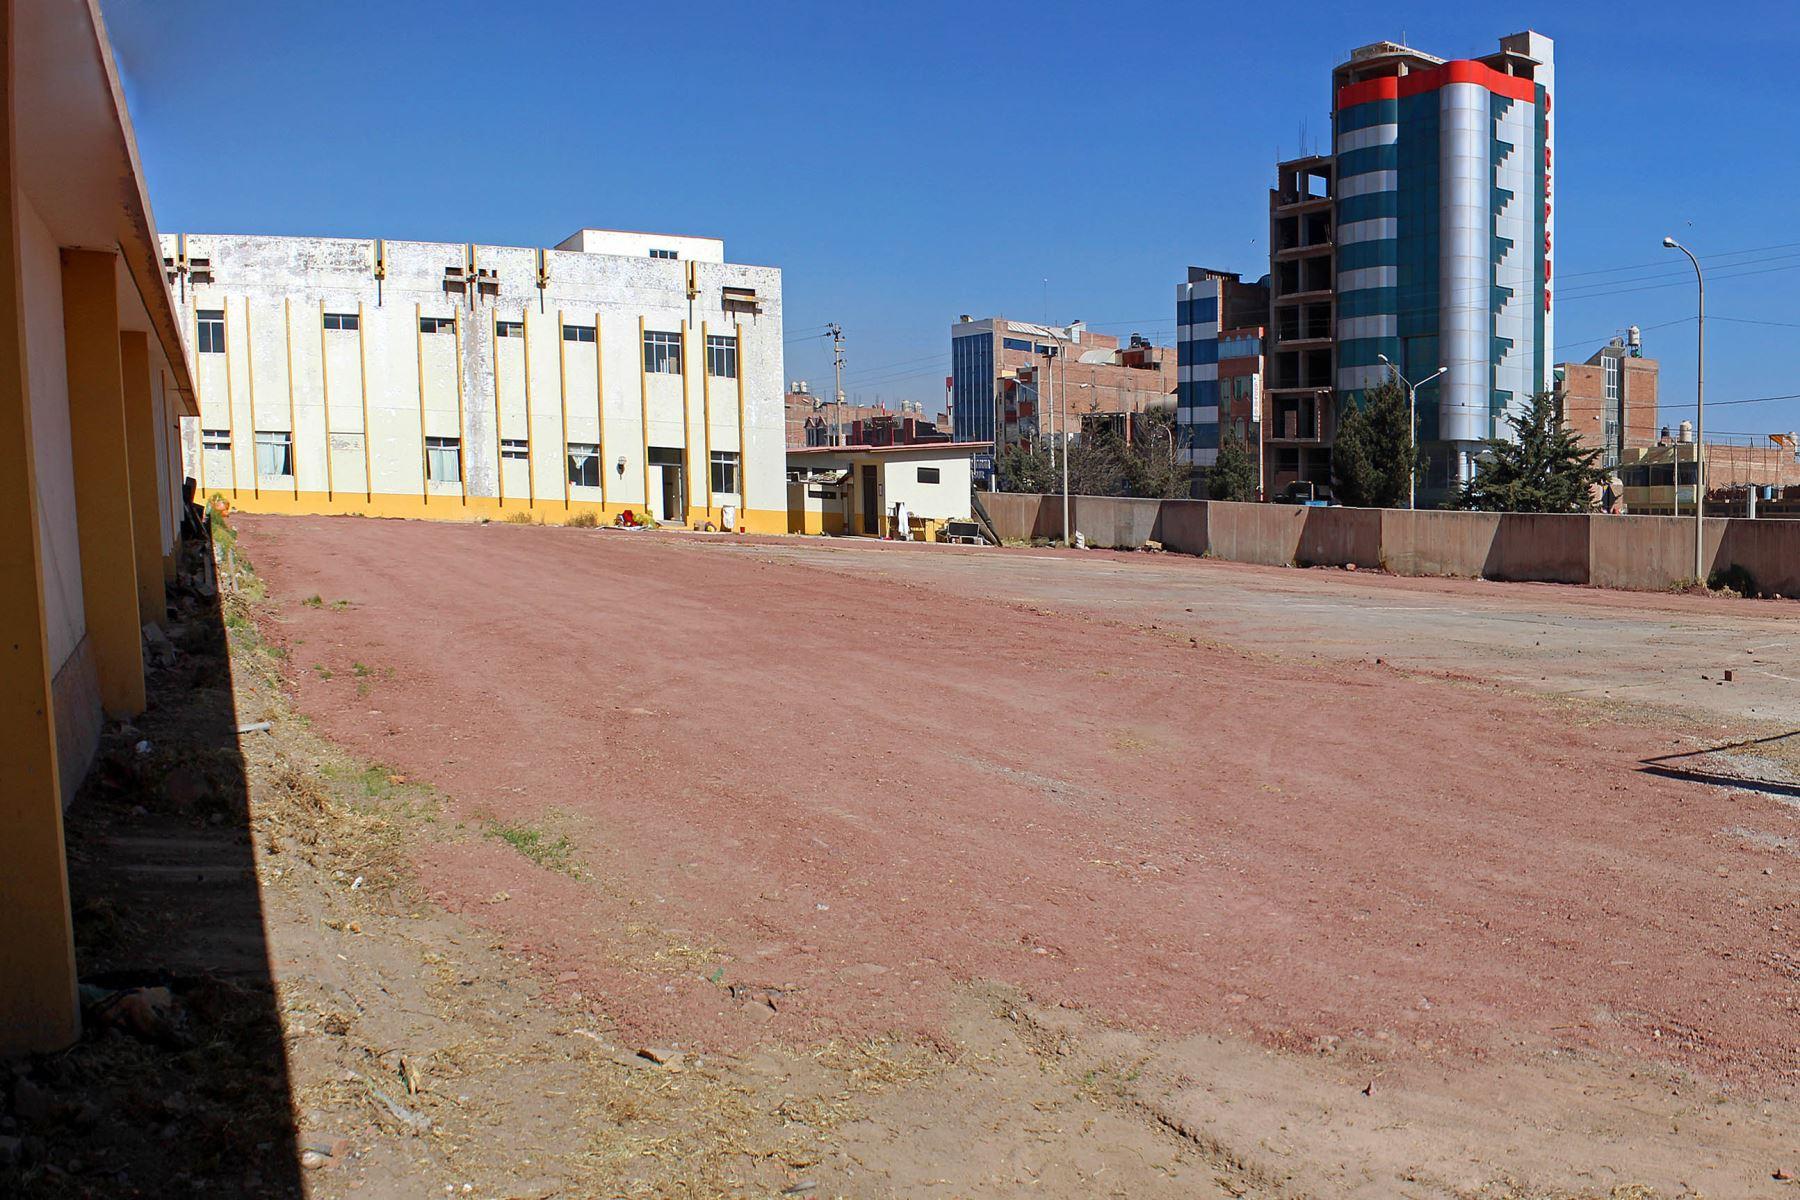 Se inician los trabajos para instalar e implementar el Centro de Atención y Aislamiento Temporal el cual estará ubicado en el interior del hospital Carlos Monge Medrano de Juliaca. Foto: Legado Lima 2019